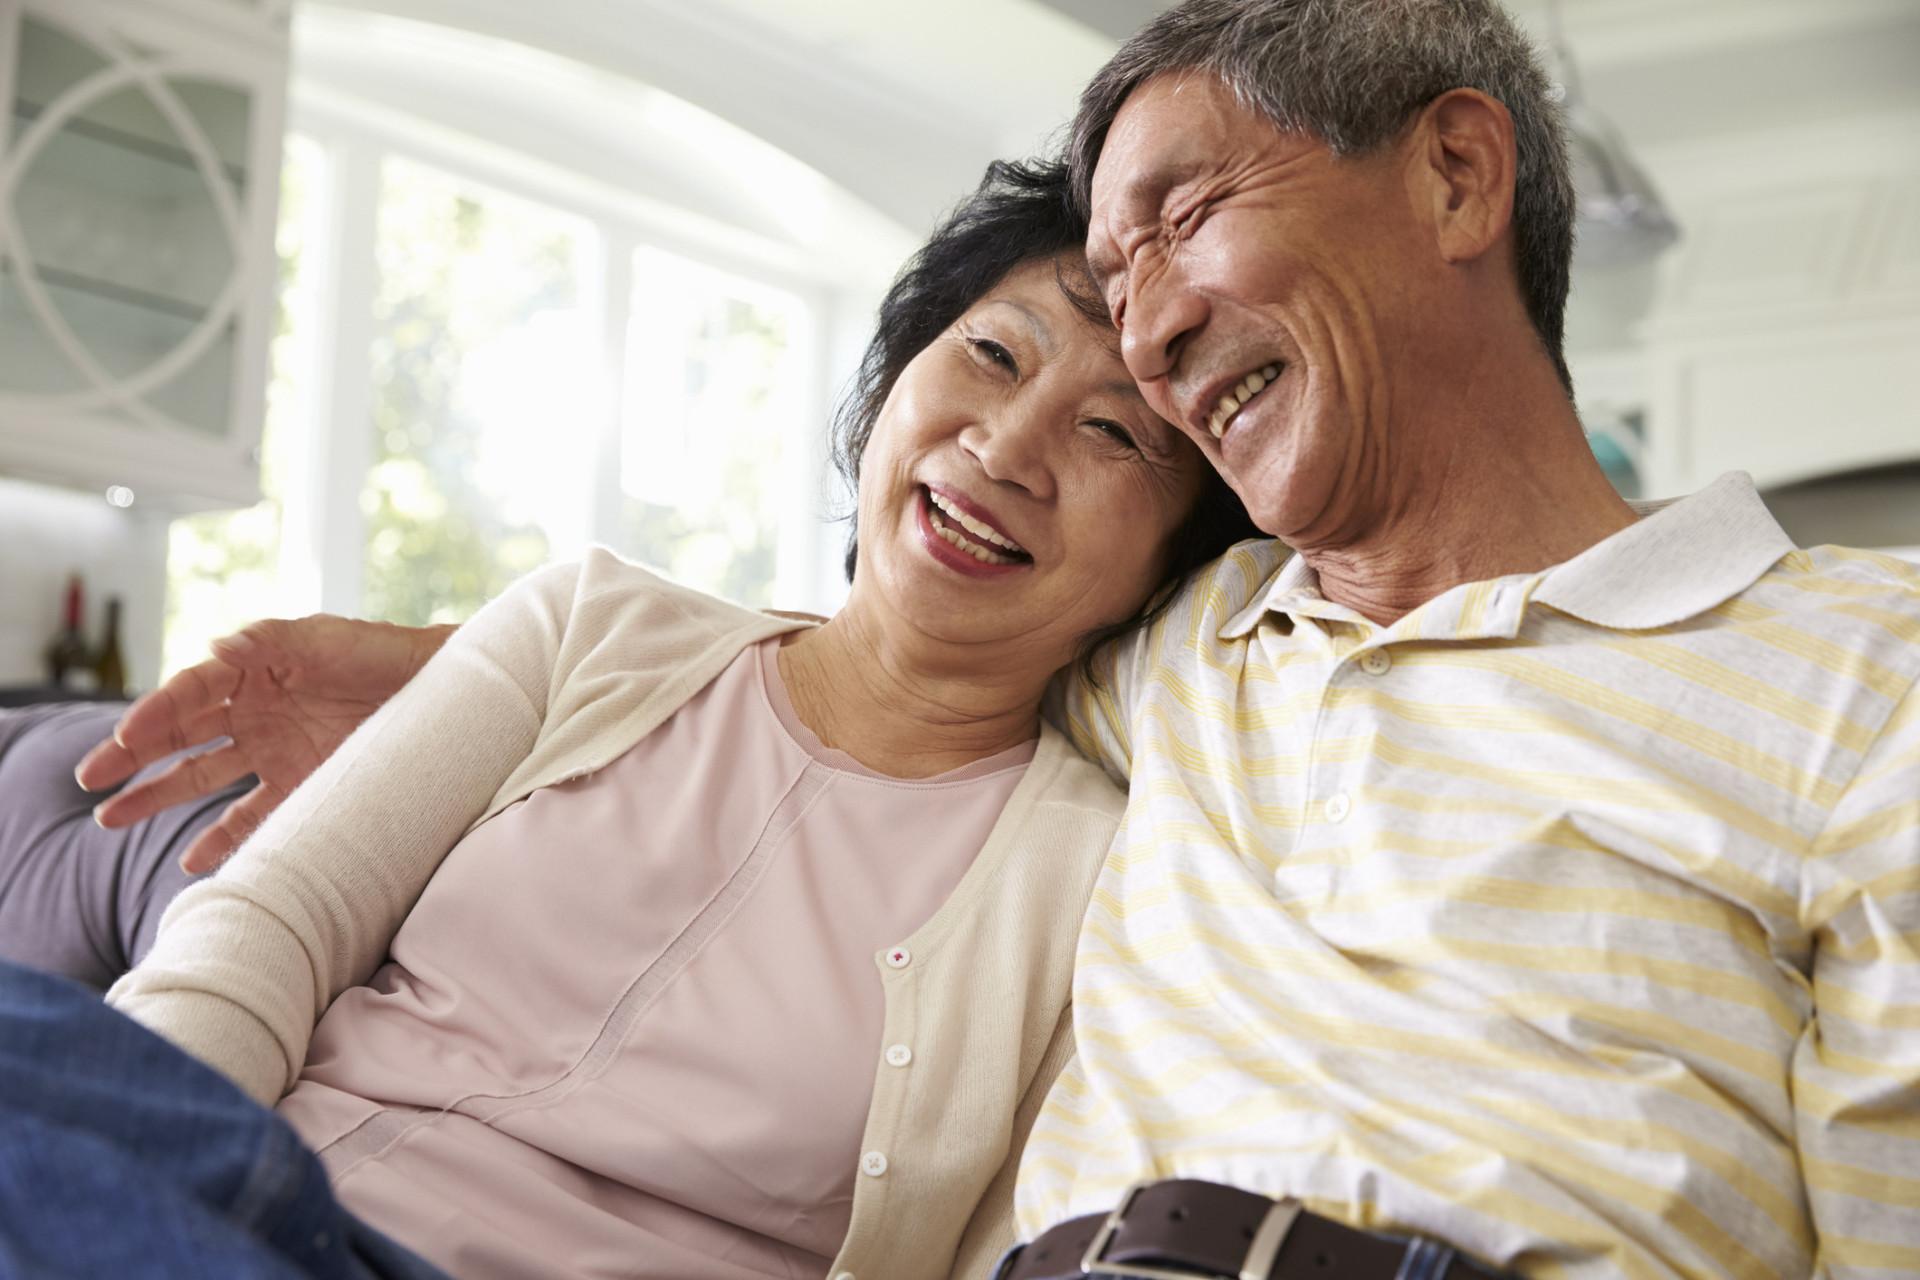 dating en INFJ personlighet dating site gjennomsnittlig alder